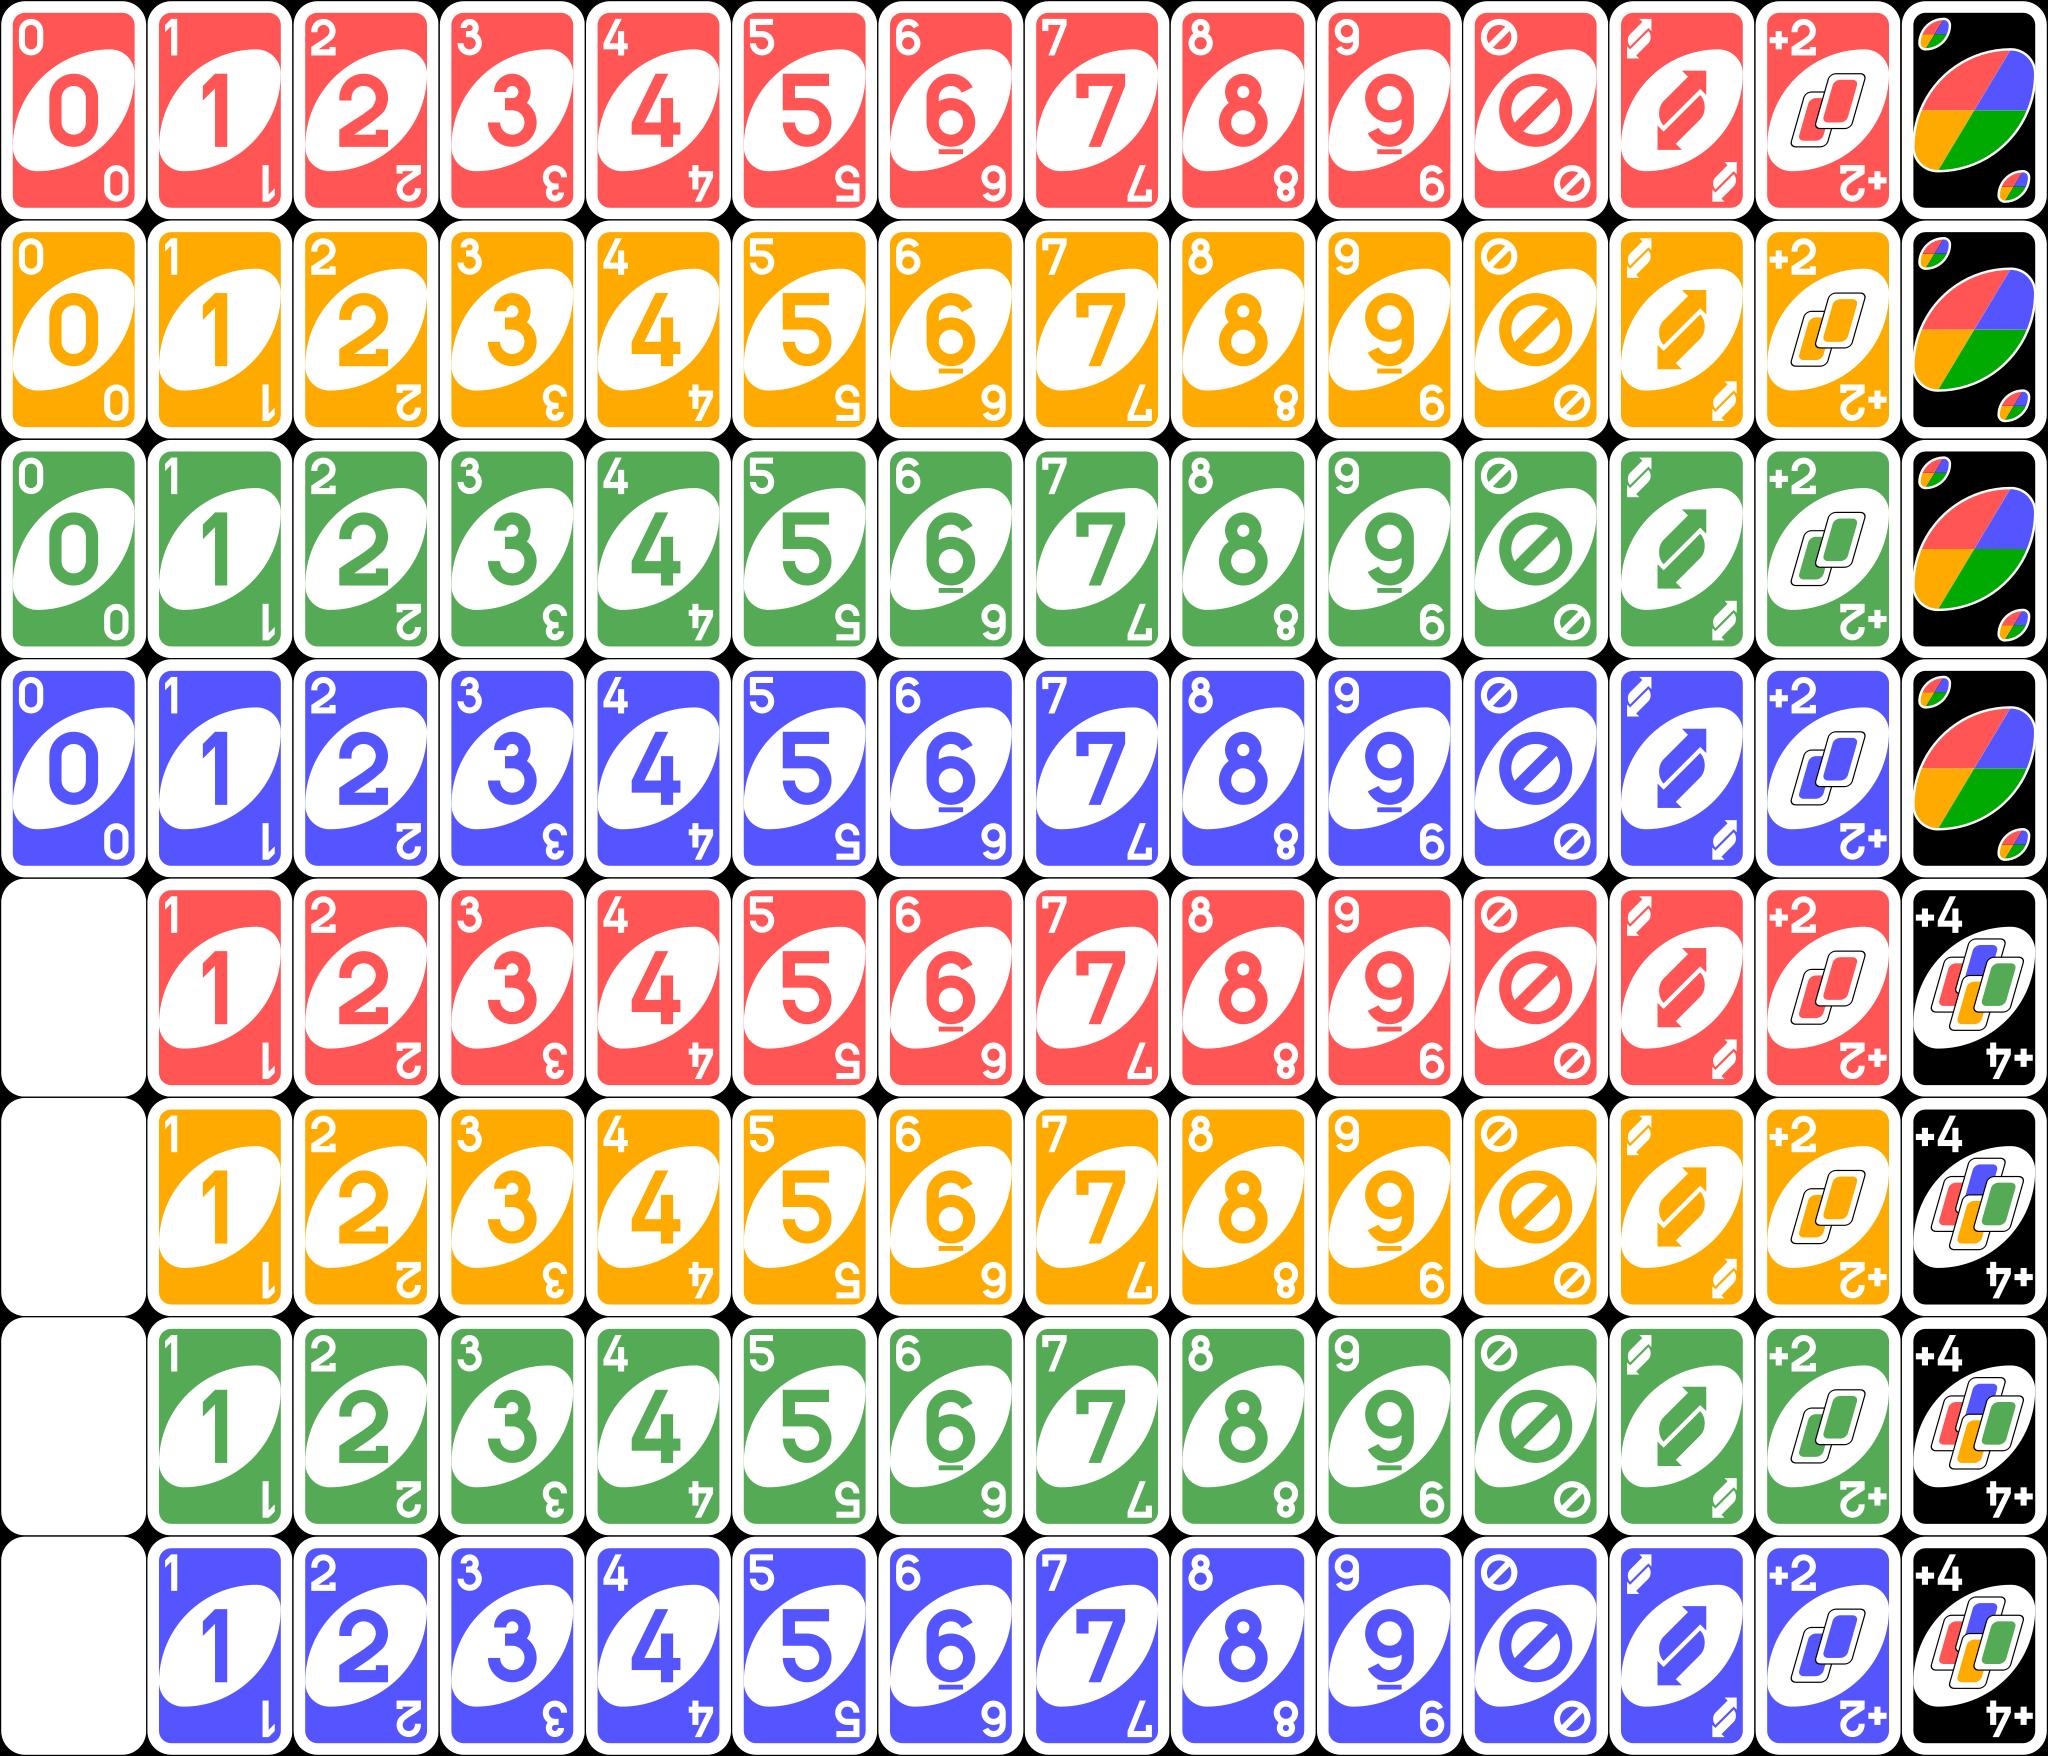 Карты играть распечатать математики которых не пускают в казино